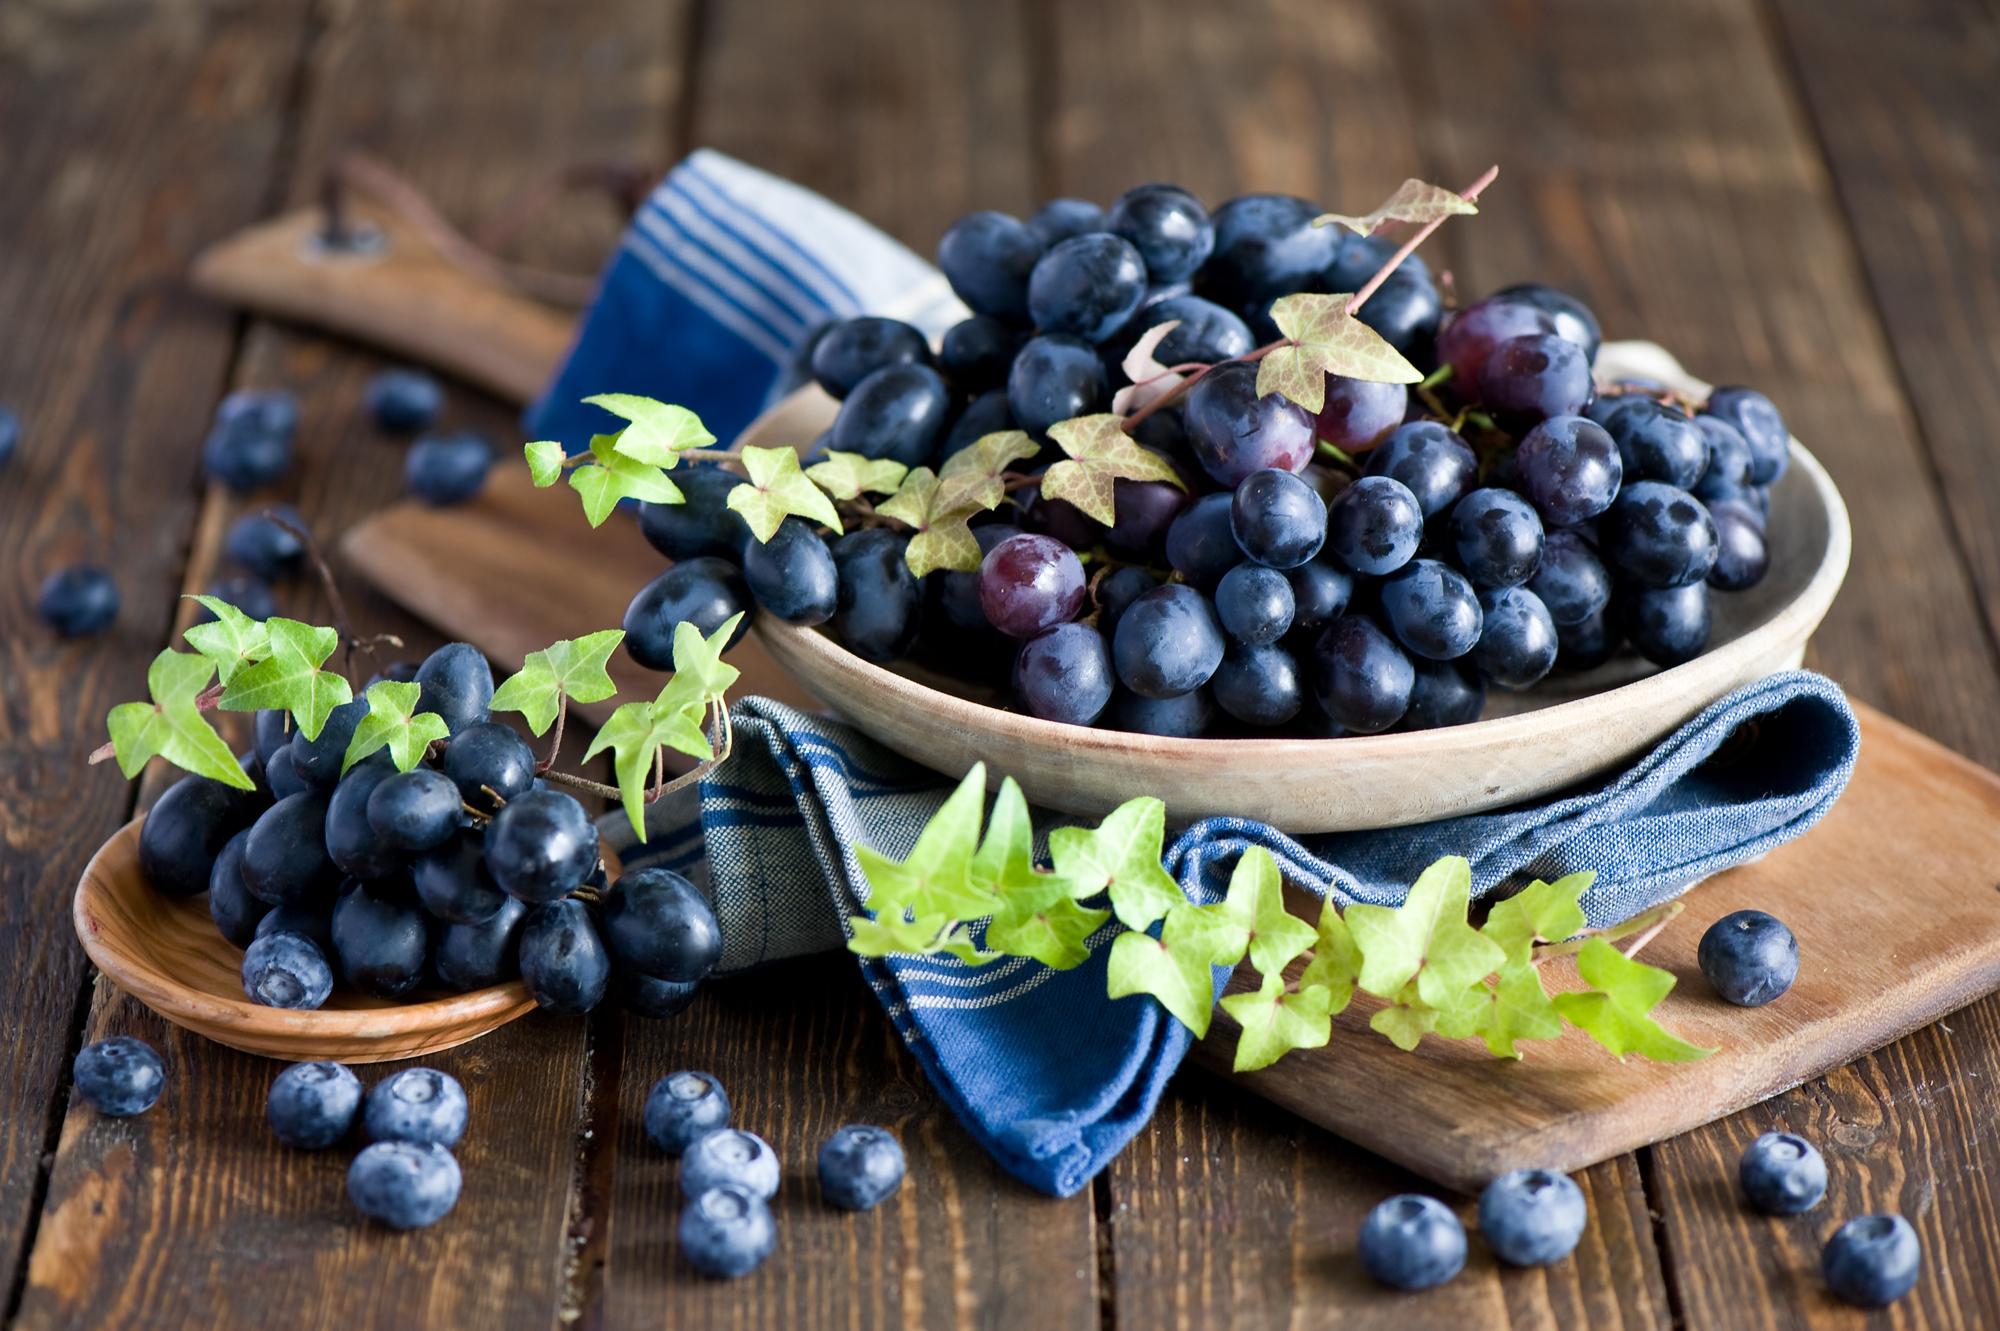 еда чай пирожные виноград бесплатно